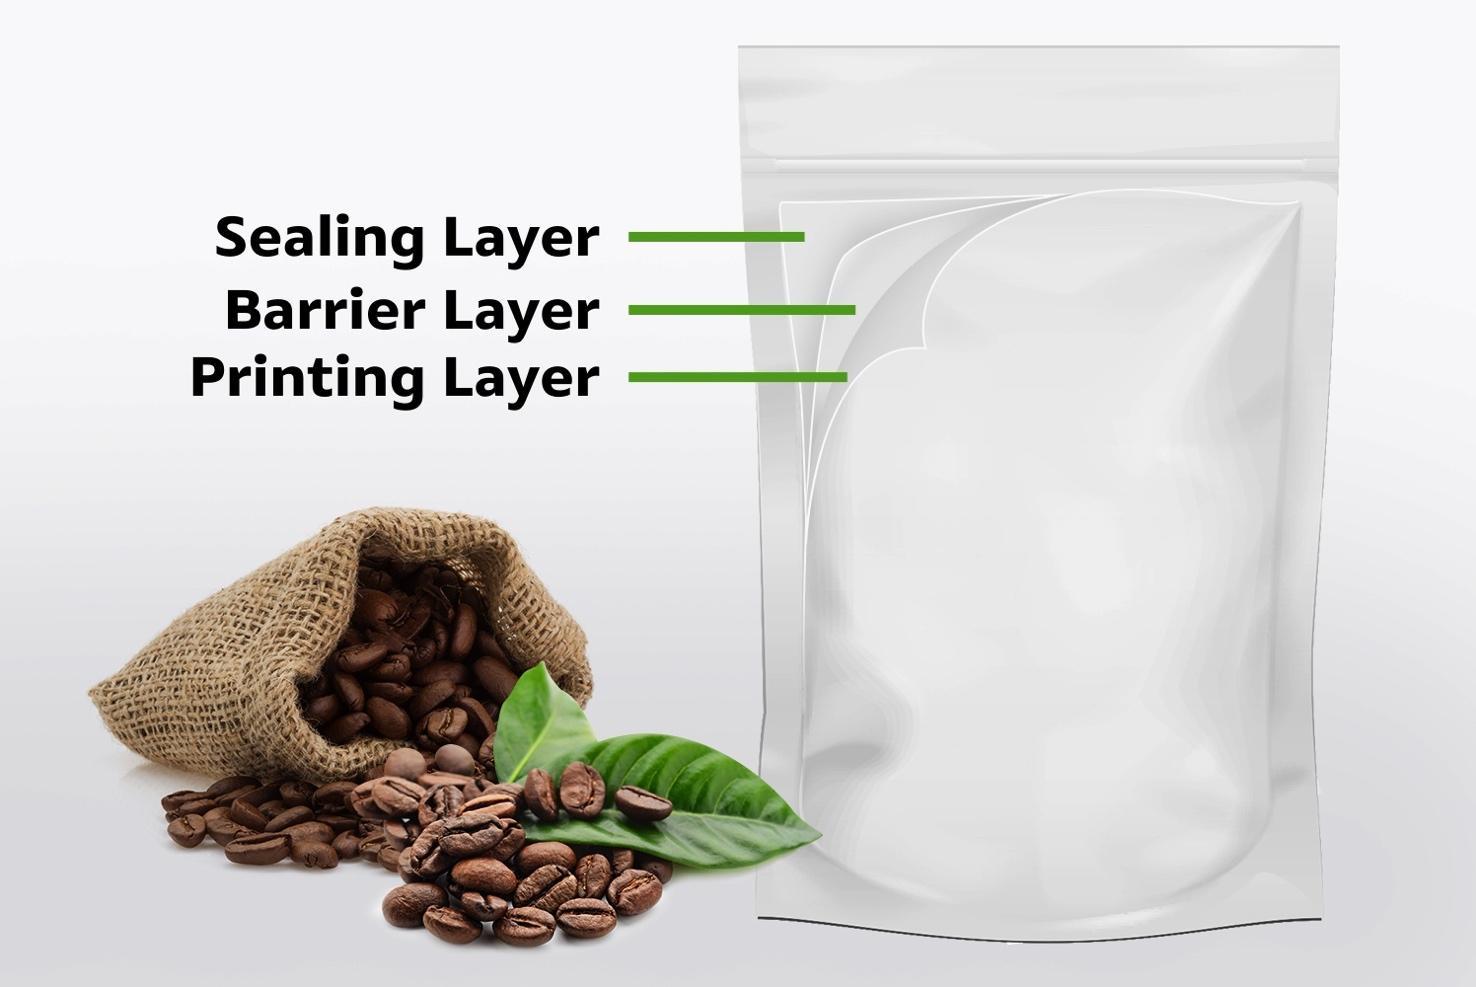 Bao bì linh hoạt R-1 gồm nhiều lớp với các đặc tính độc đáo về khả năng chống va đập cao, có thể bảo vệ vật phẩm và khả năng tái chế, thân thiện với môi trường.